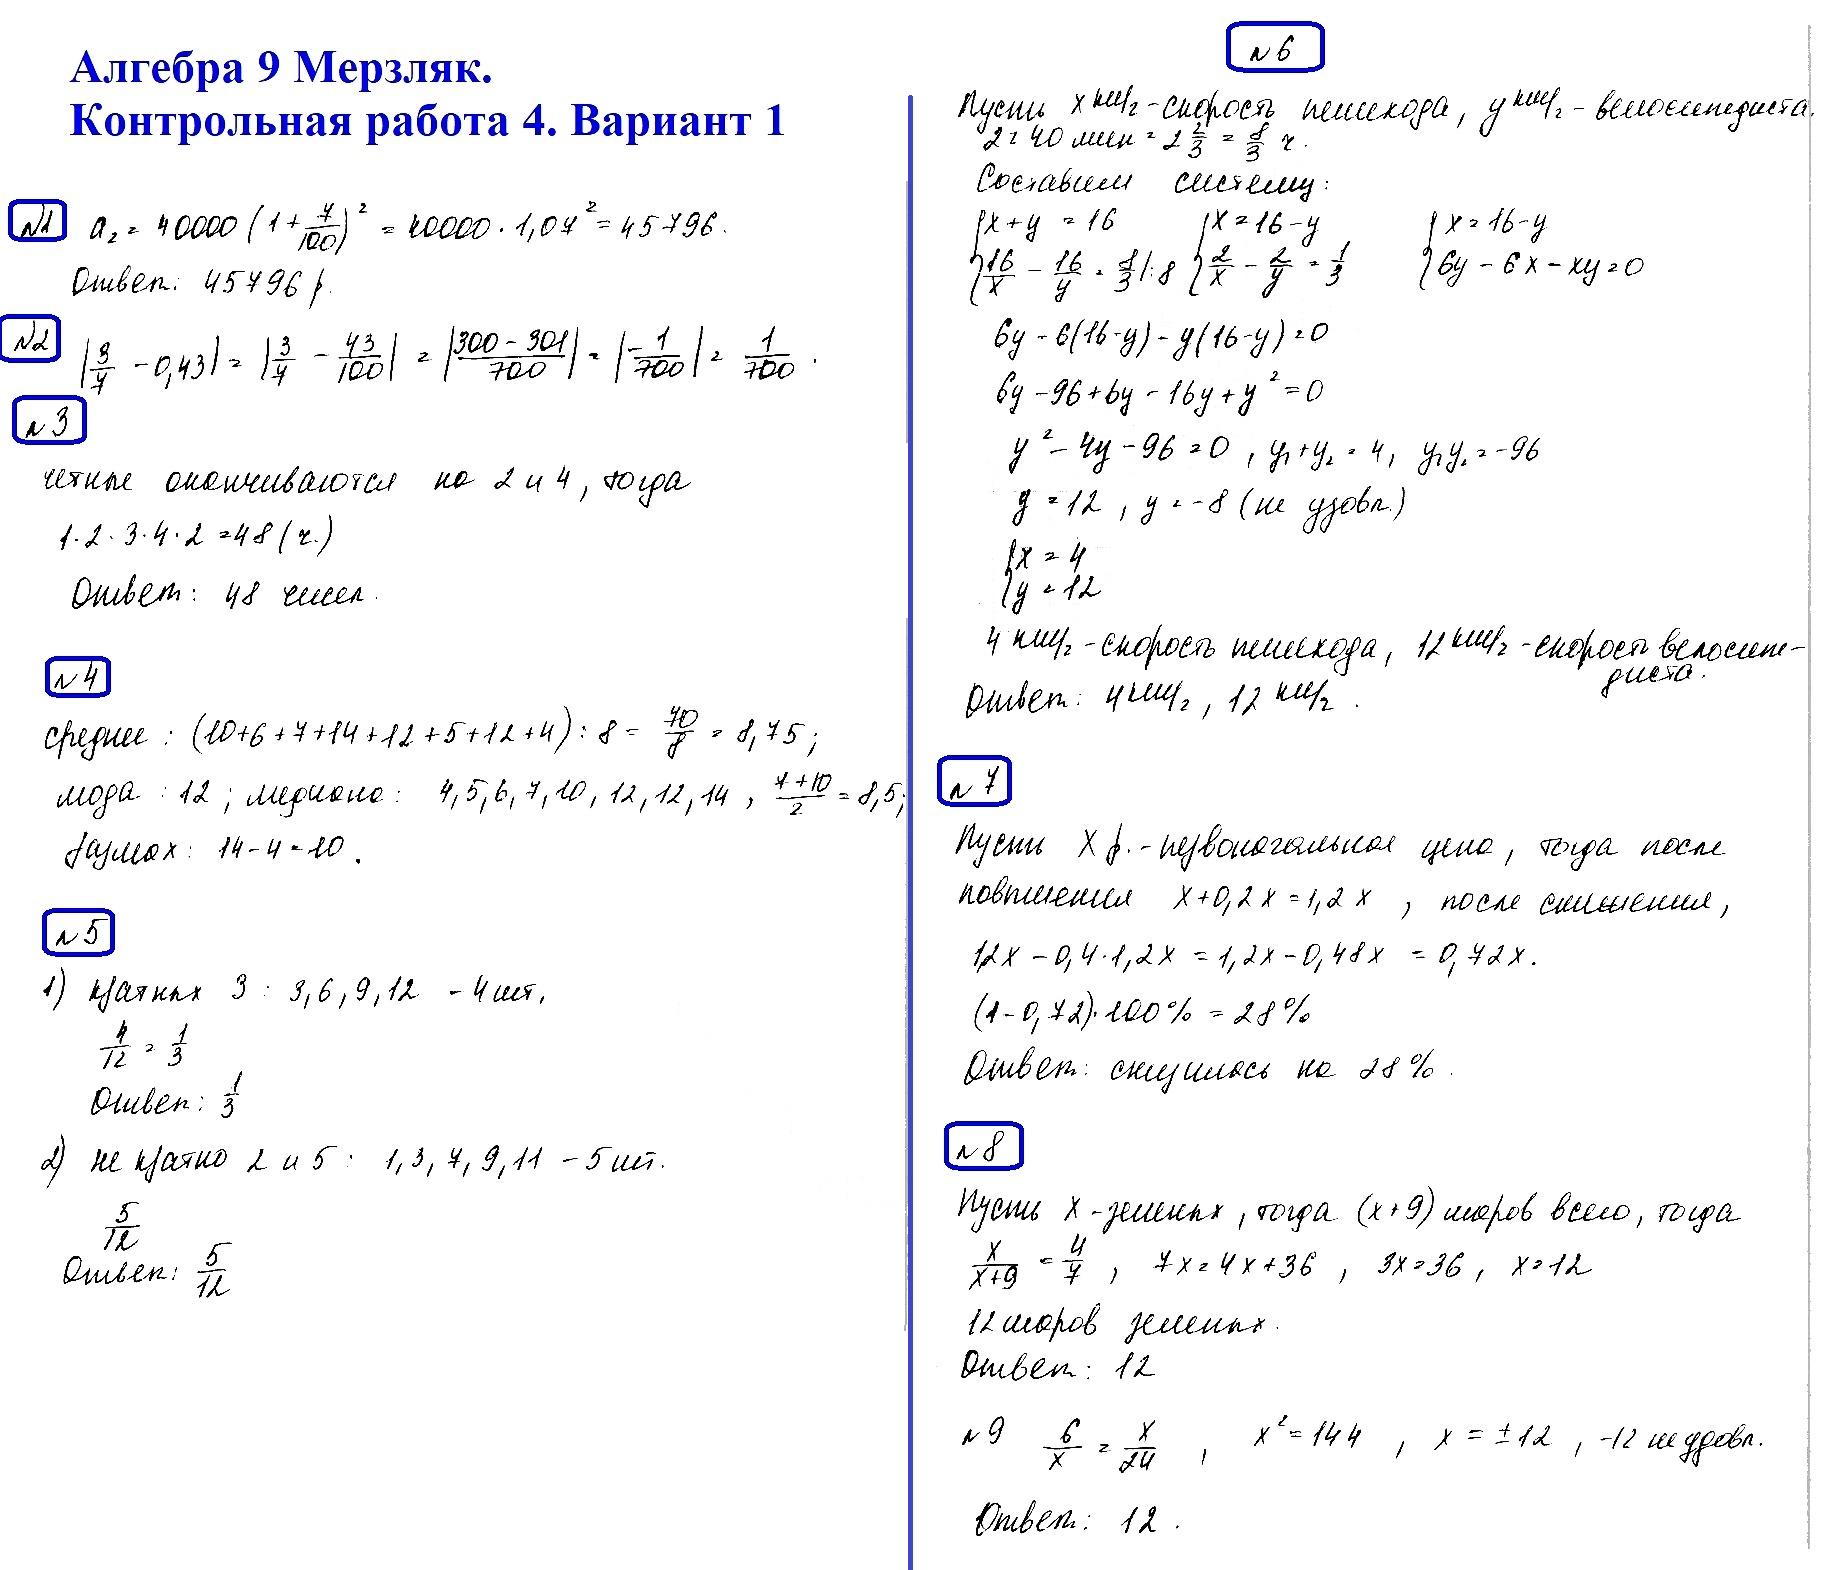 Алгебра 9 Мерзляк. Ответы на контрольную 4 в1